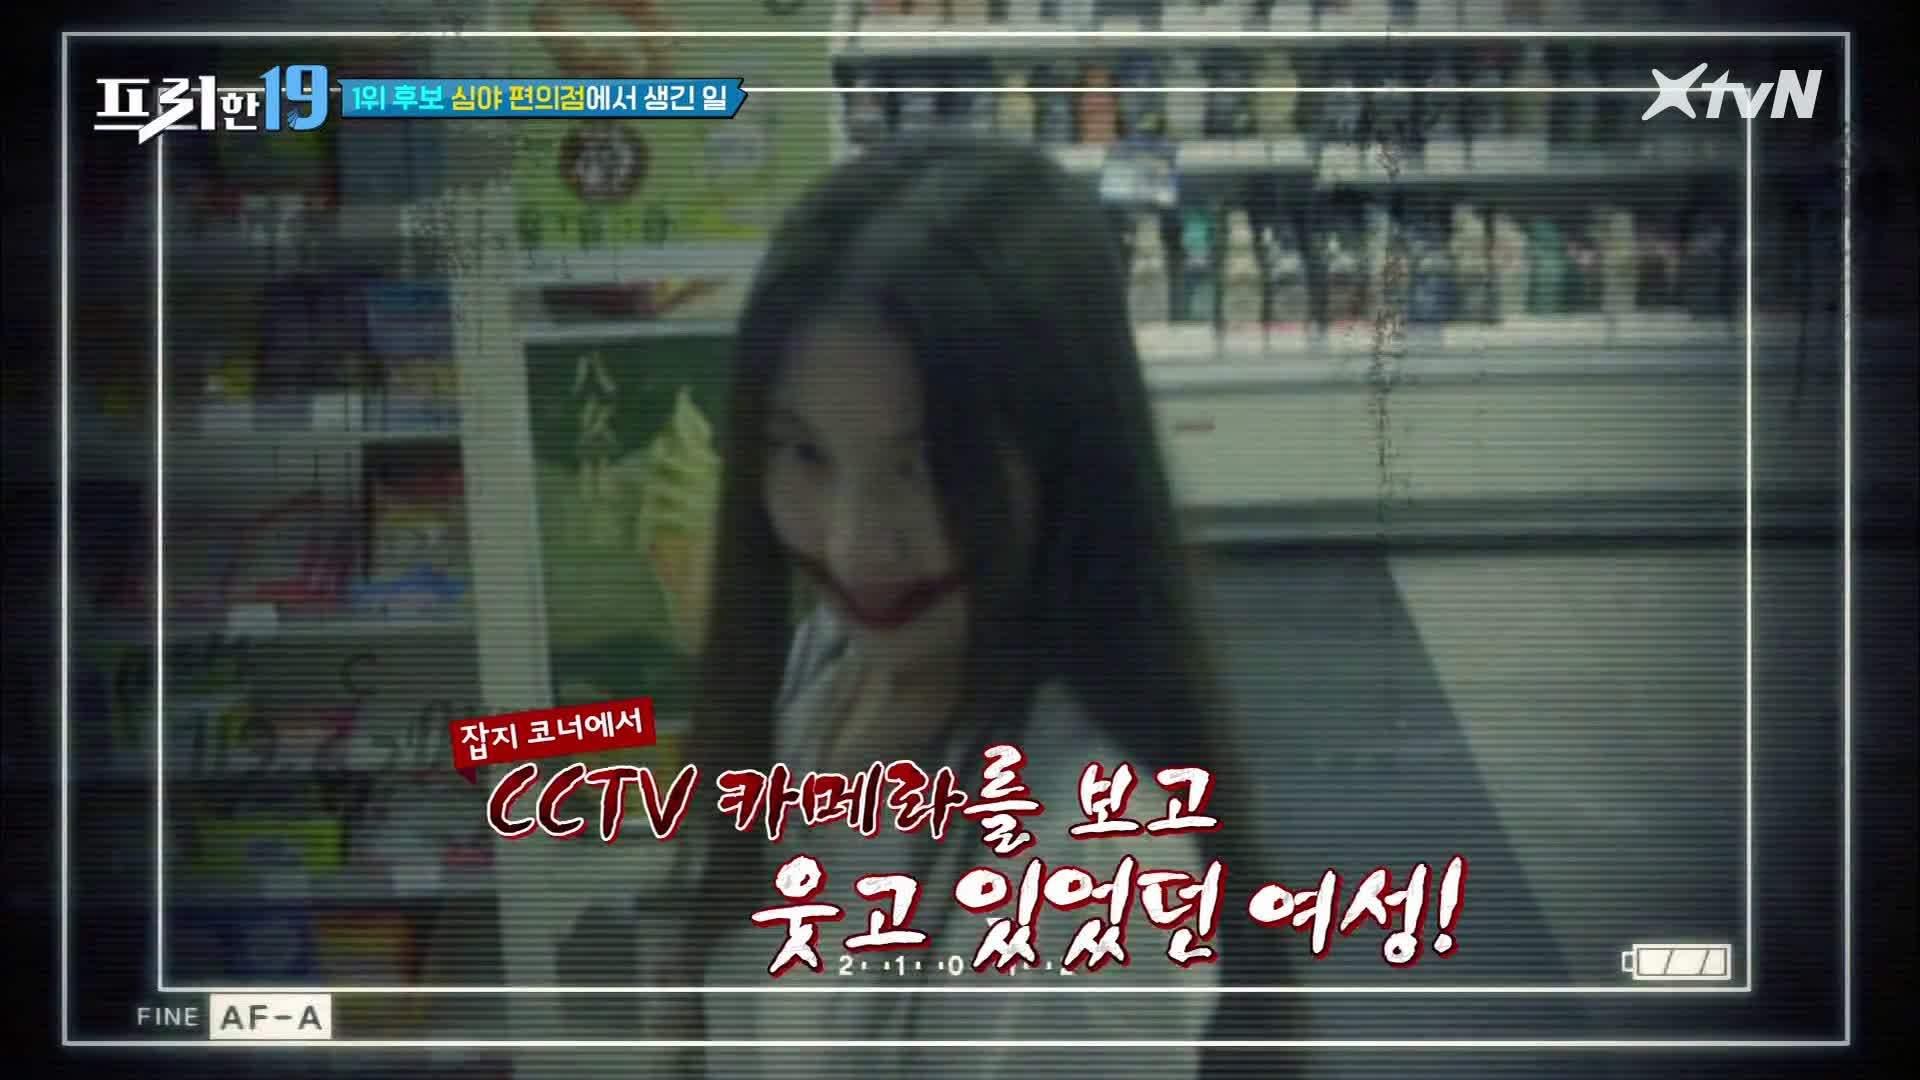 심야 편의점, CCTV 모니터 속 발견한 수상한 여성의 정체 [벗어날 수 없는 저주 19] | XtvN 210726 방송